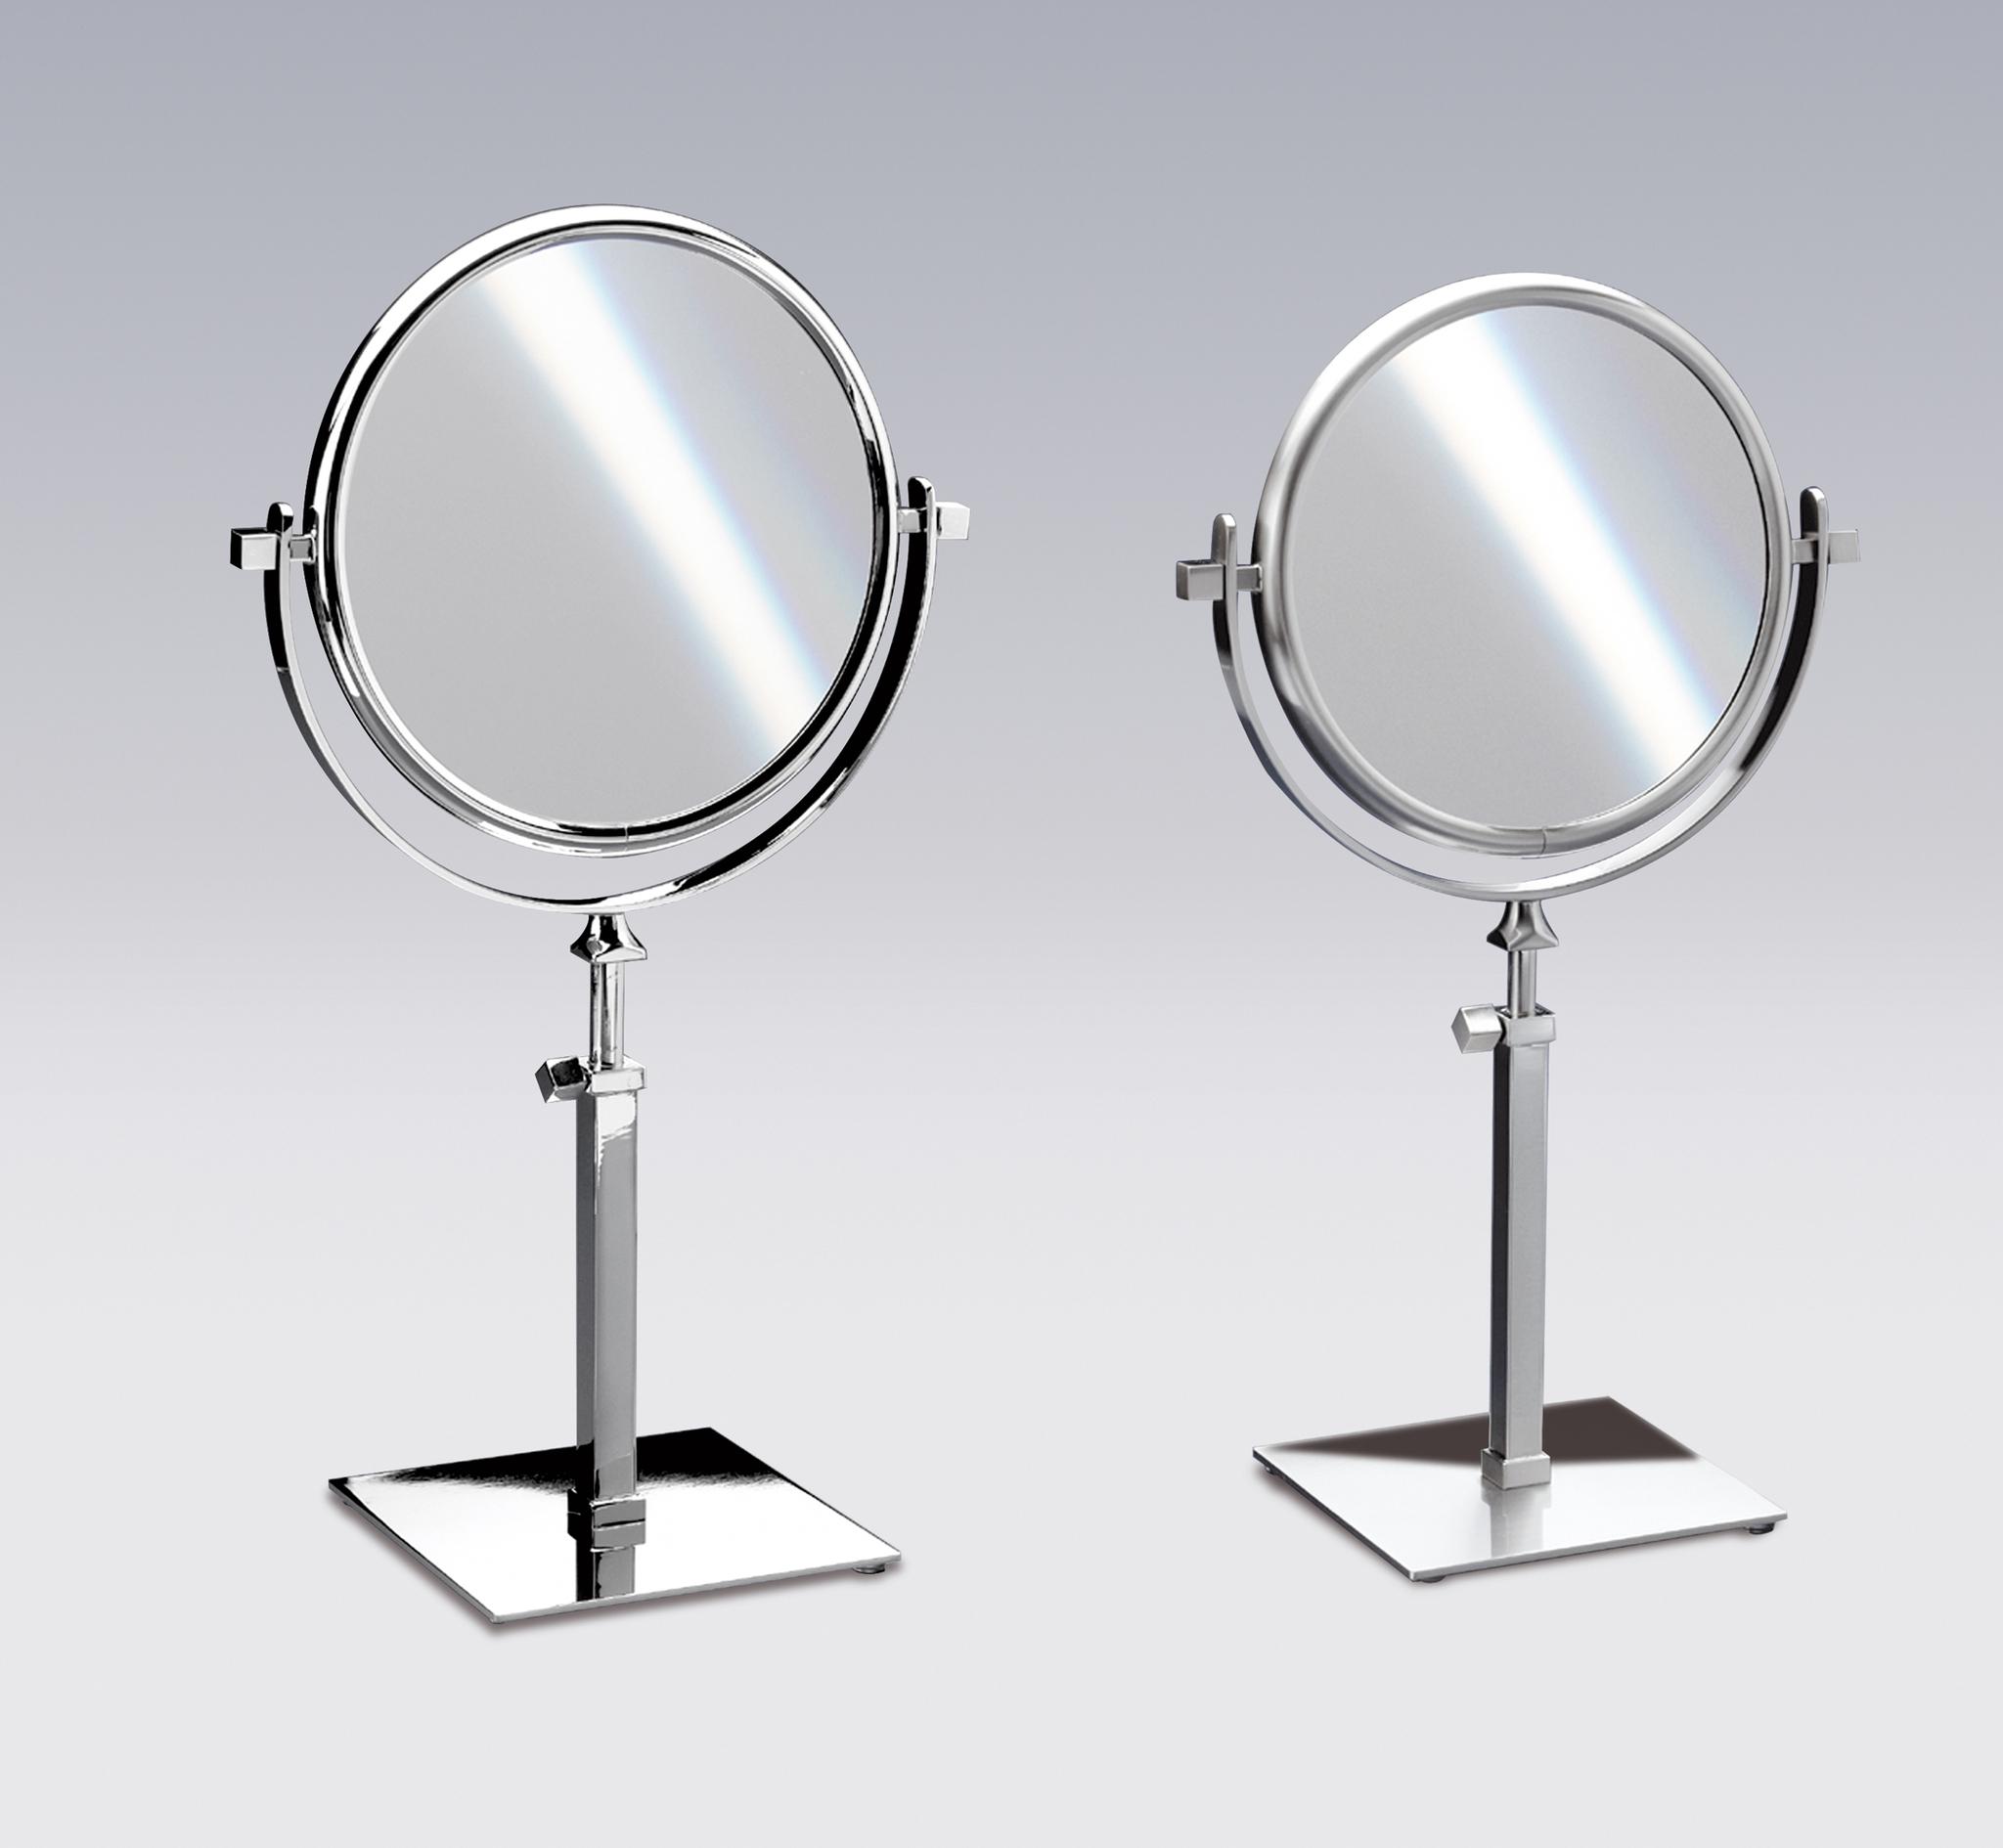 Зеркала Зеркало косметическое Windisch 99135CR 3X elitnoe-zerkalo-kosmeticheskoe-99135-ot-windisch-ispaniya.jpg